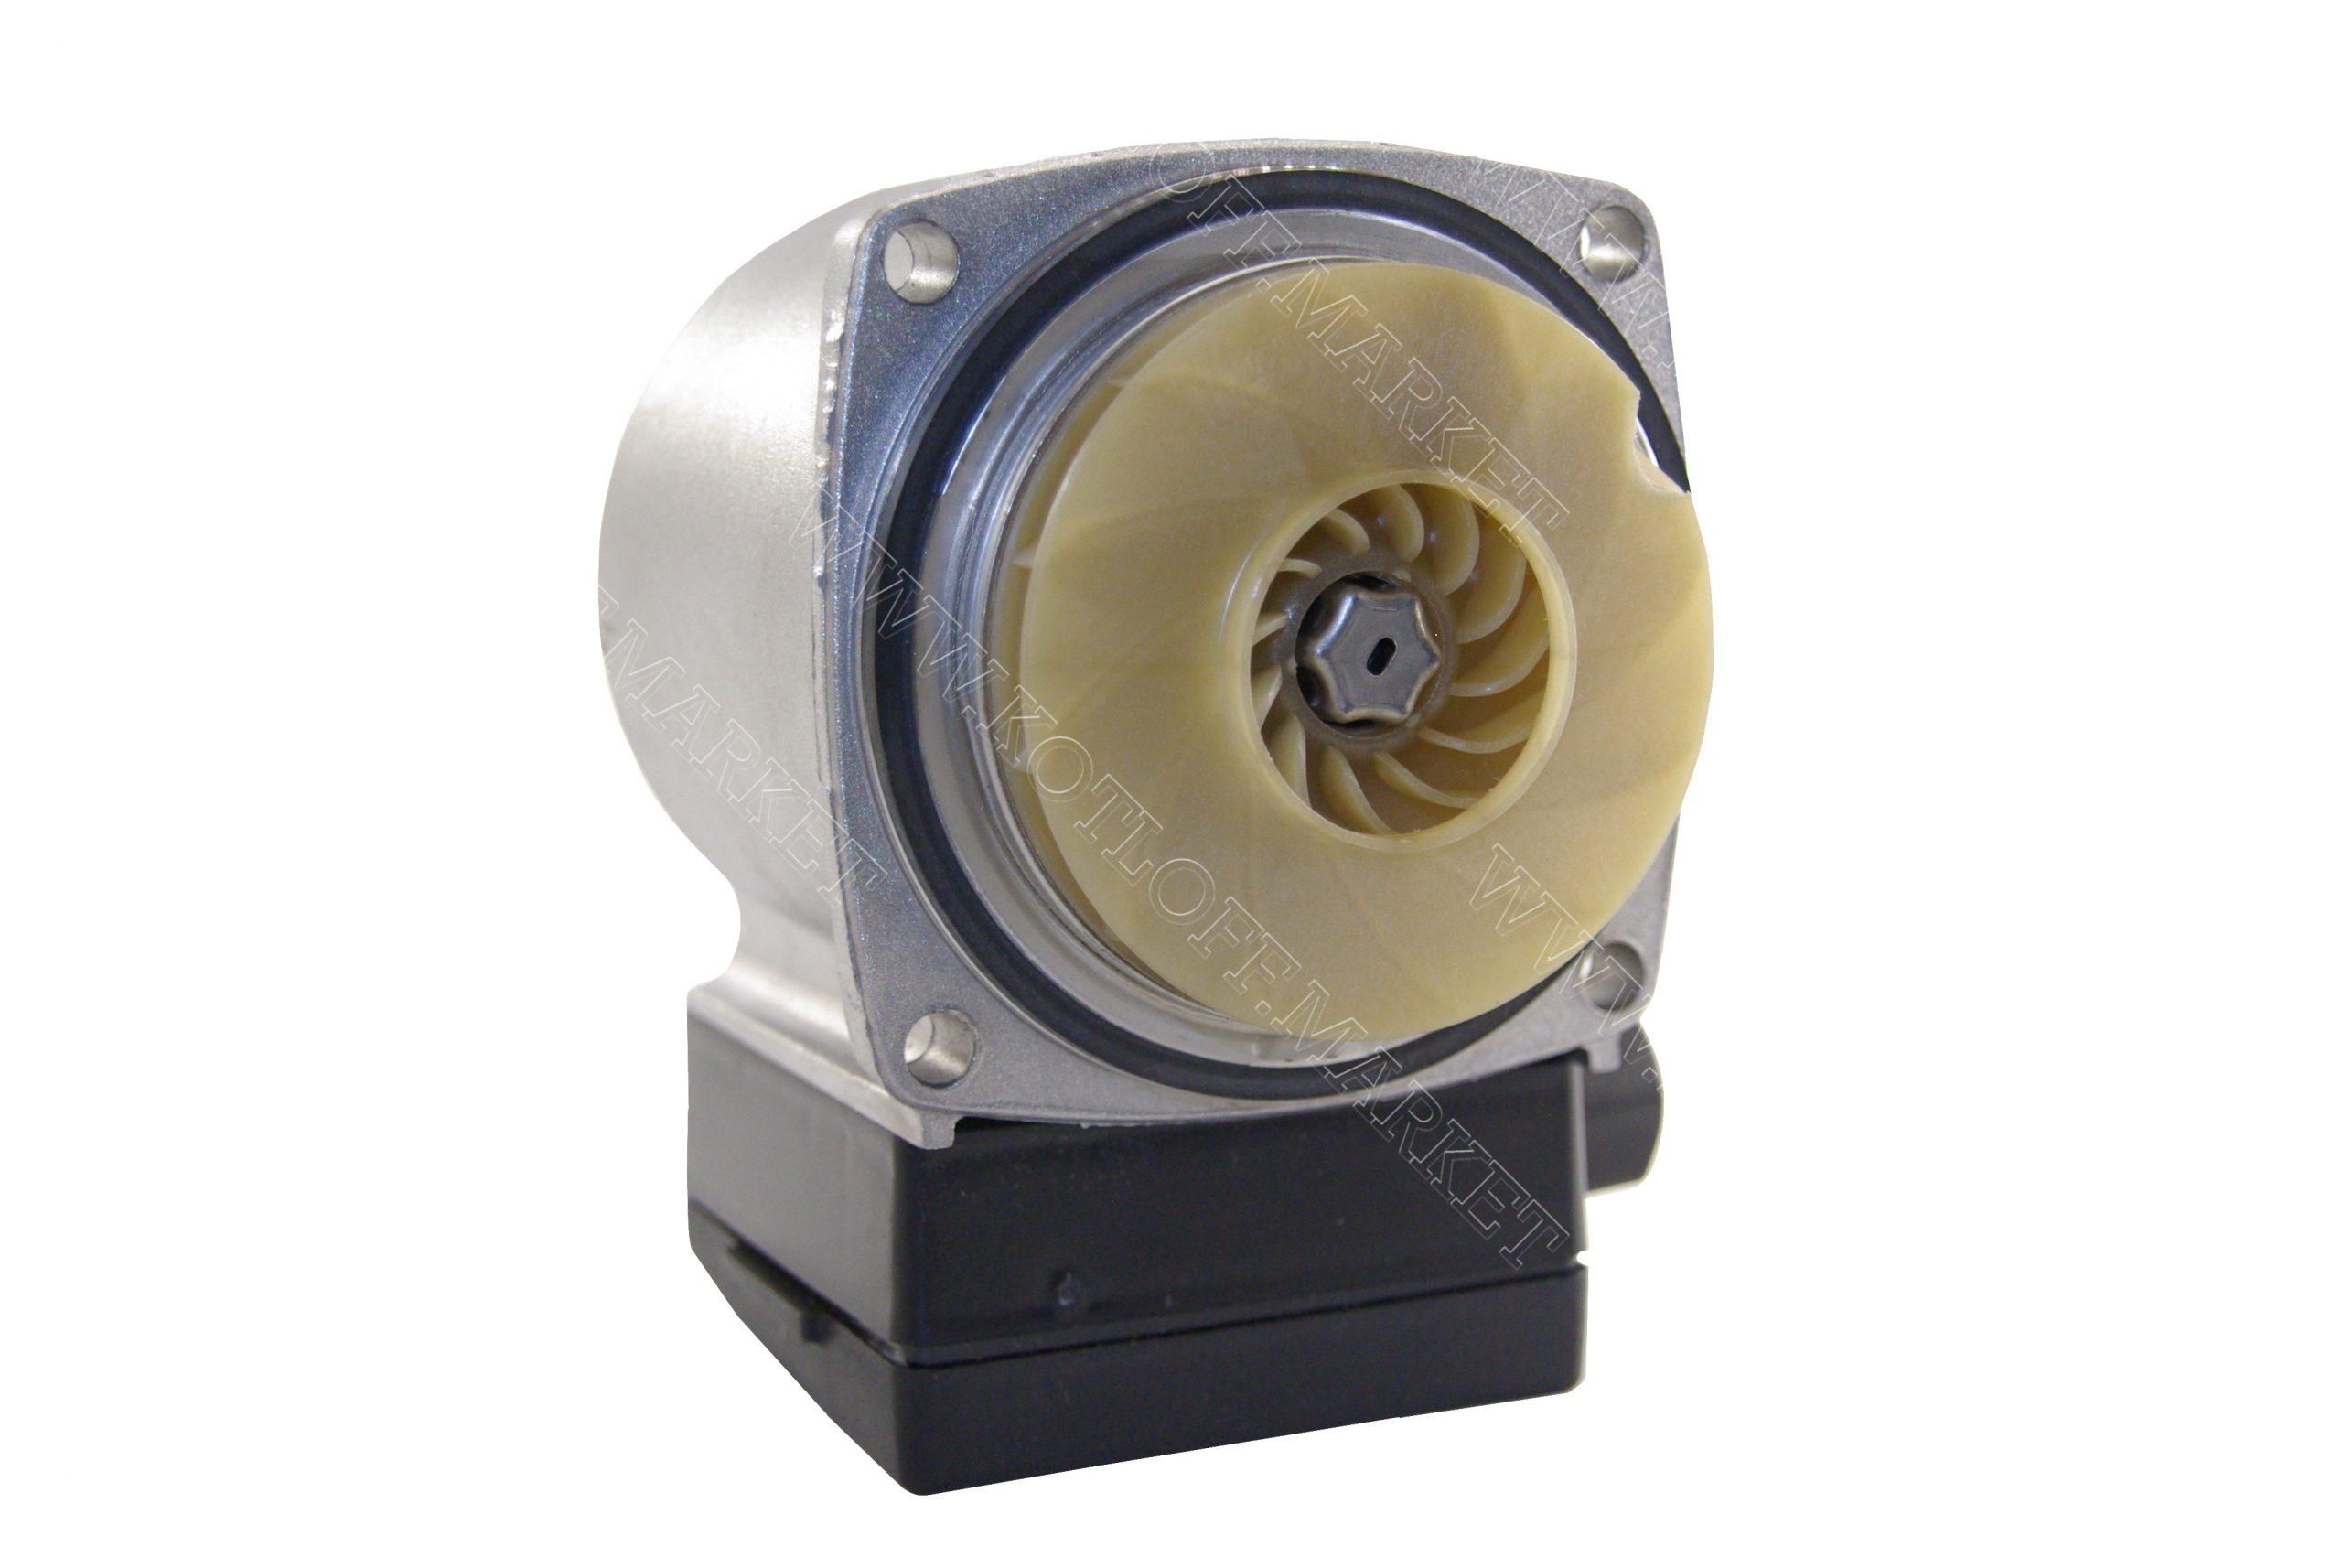 Насос циркуляционный Grundfos Ups 15-60 трехскоростной, 100 W. 150100102